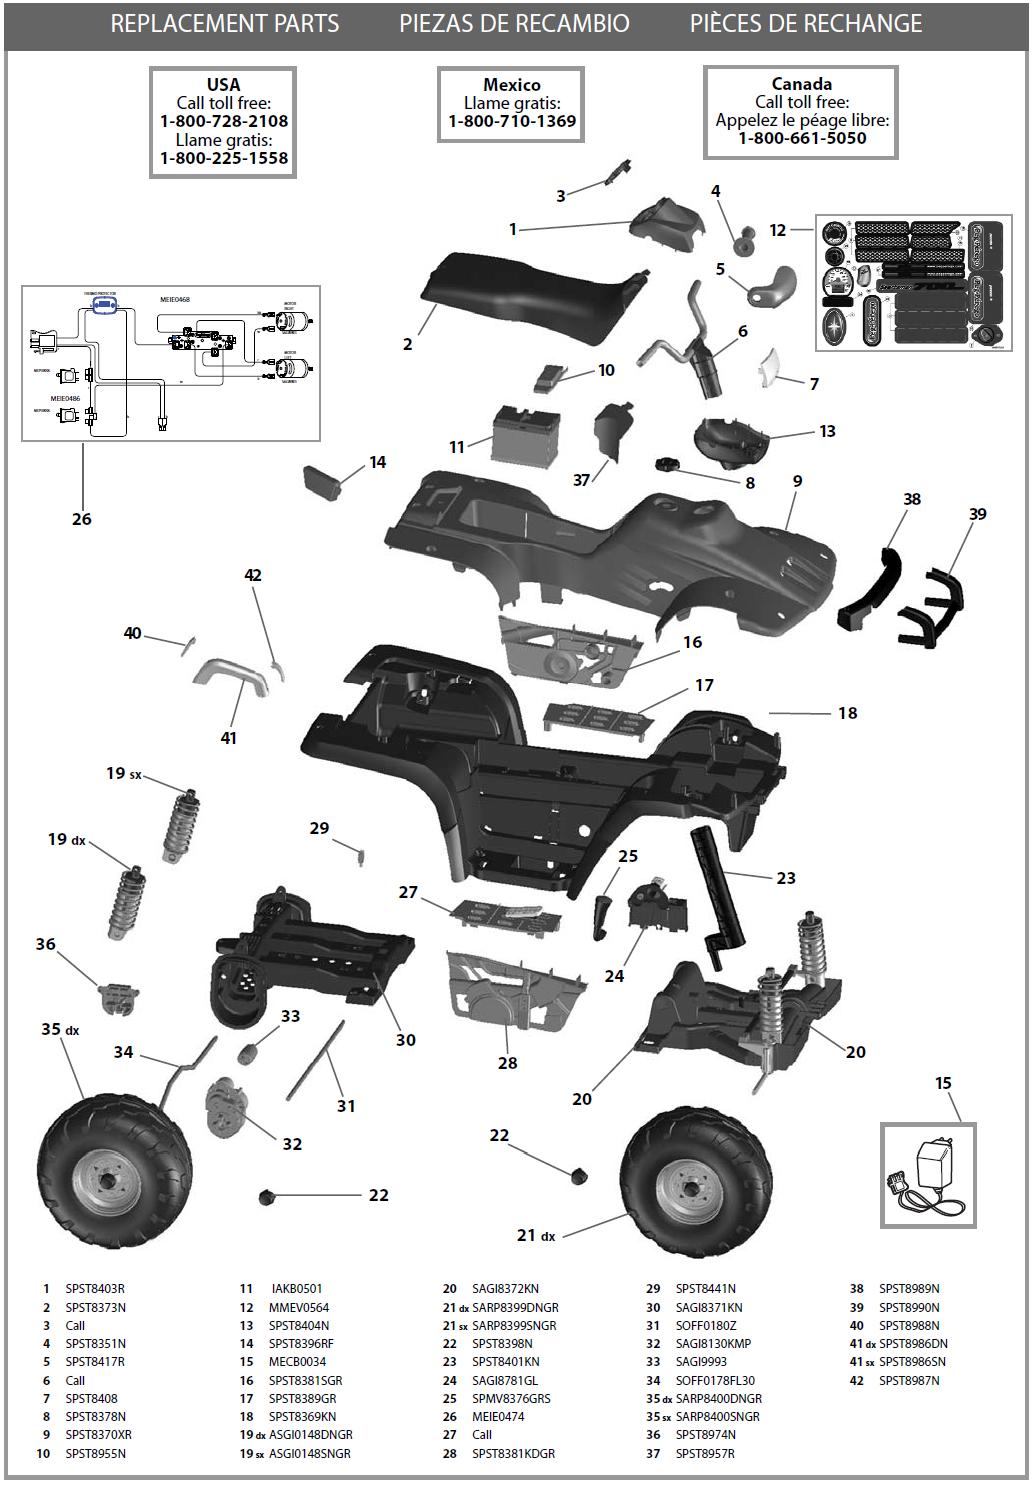 IGOD0052 parts diagram